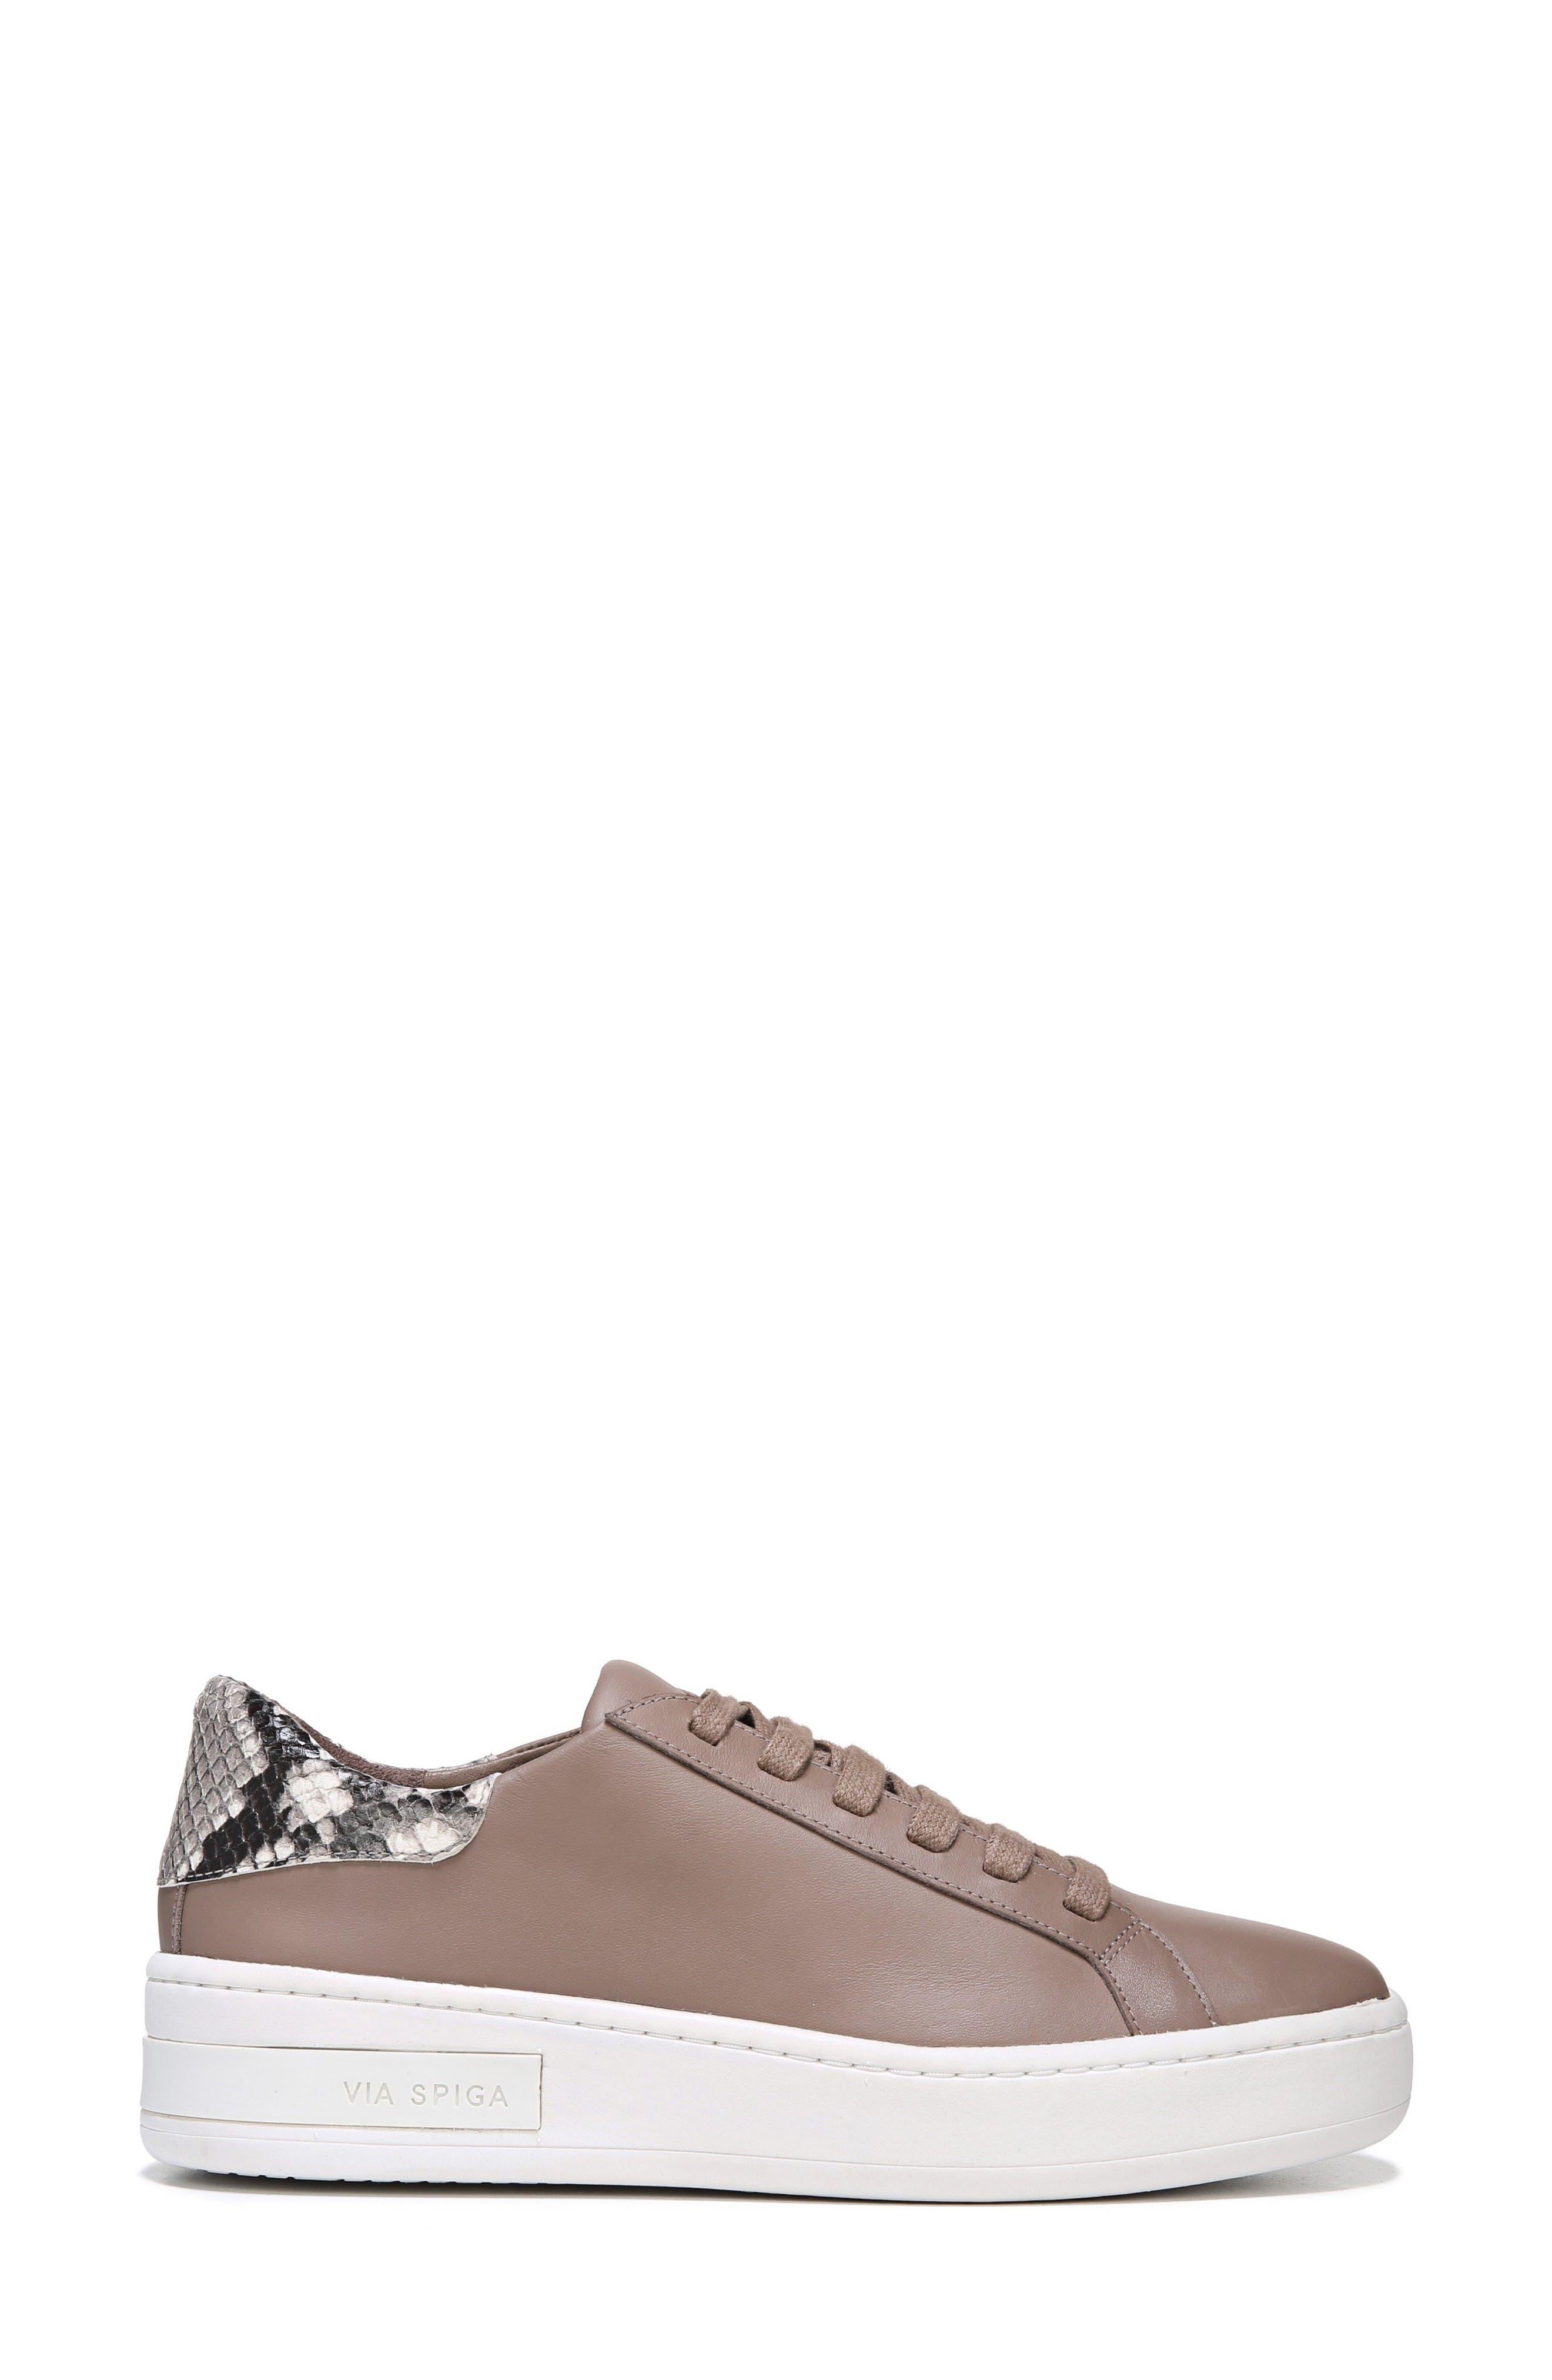 Rylen Platform Sneaker,                             Alternate thumbnail 3, color,                             Porcini/ Black/ White Leather